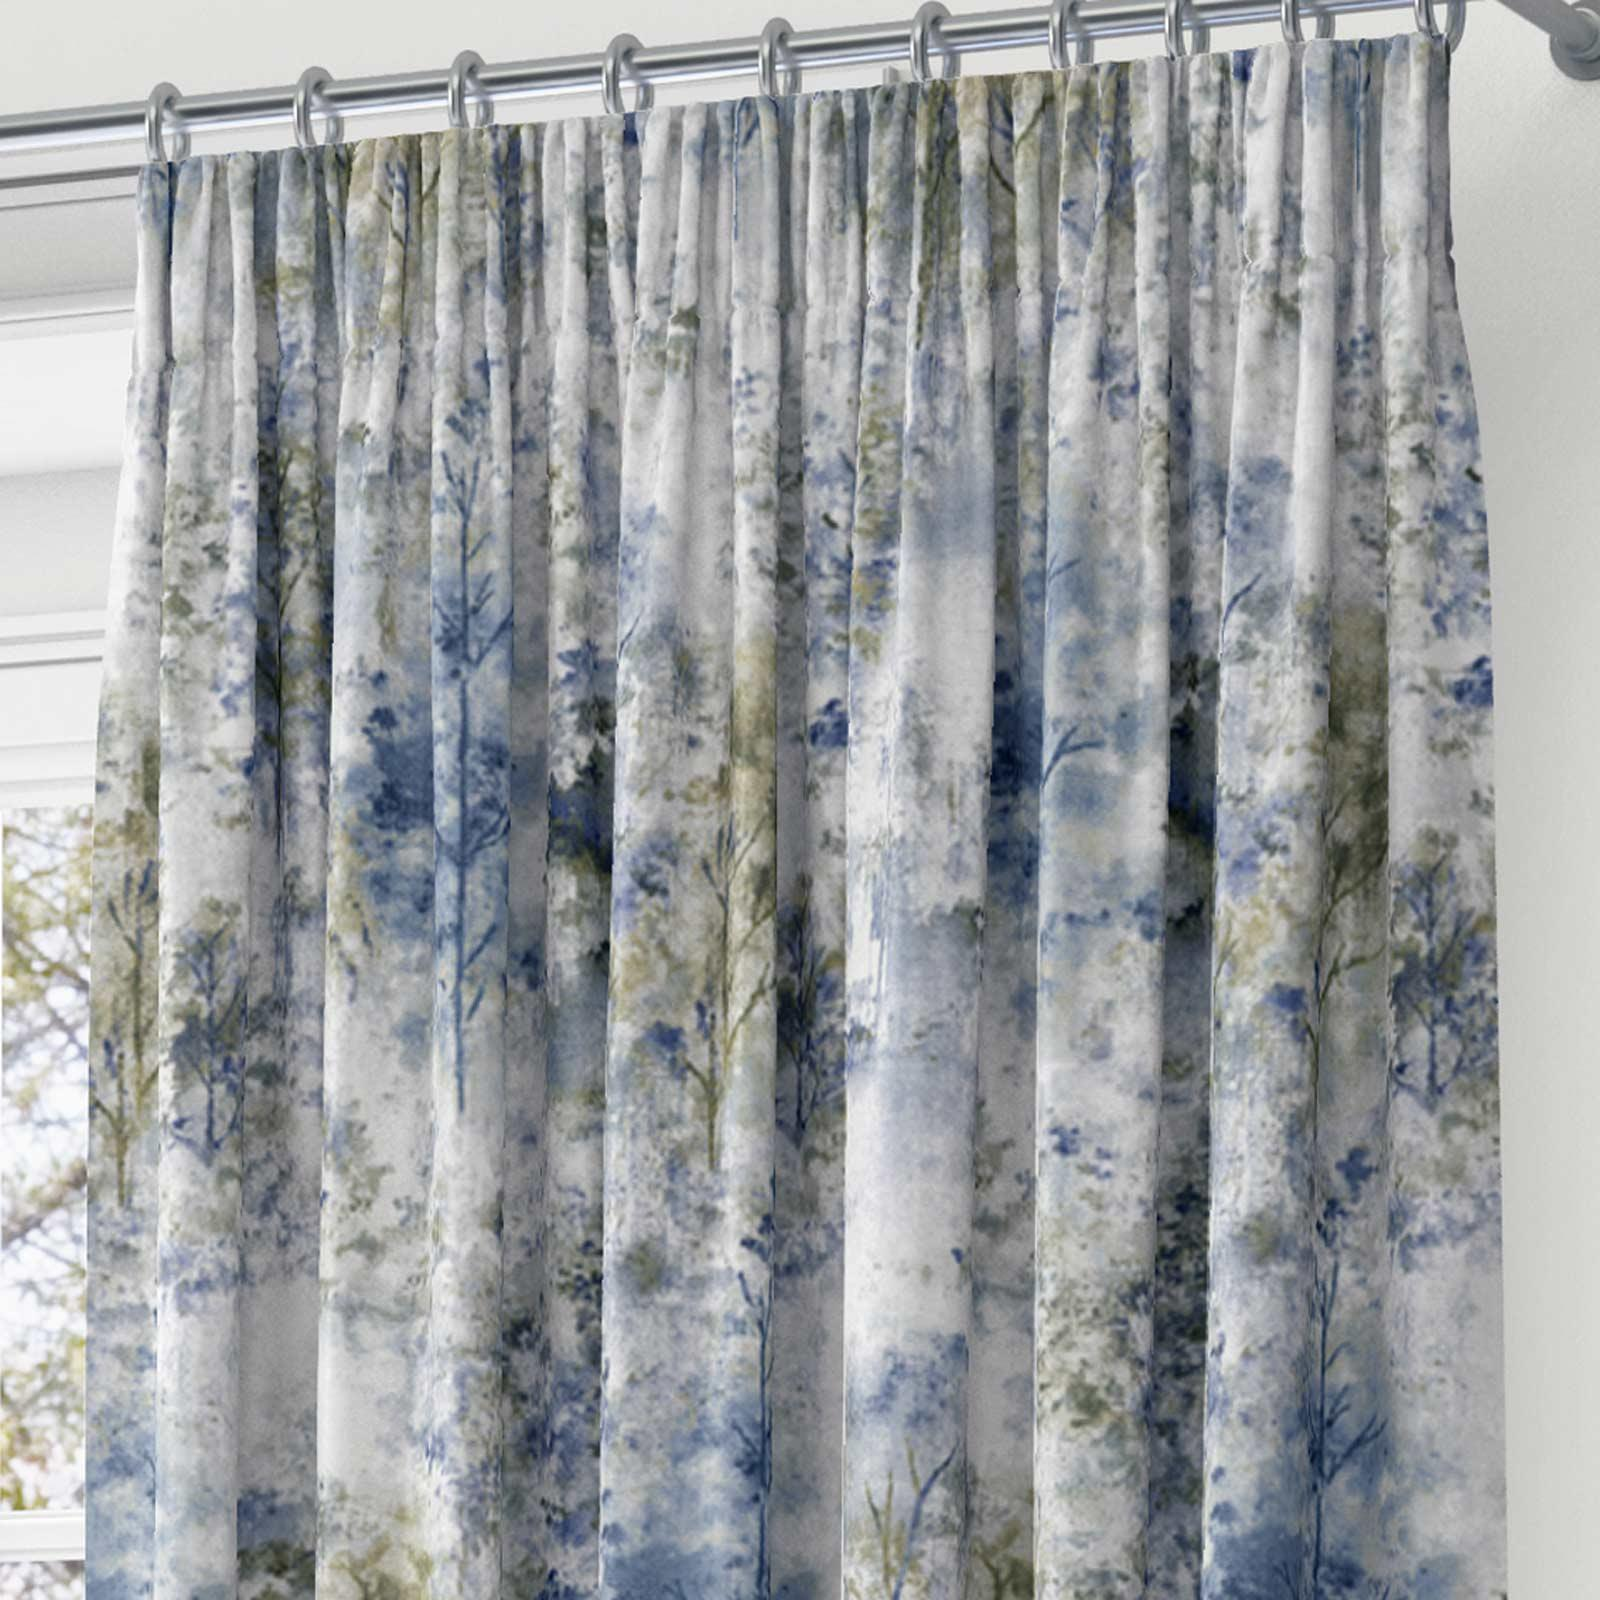 Woodland-Cinta-superior-Cortinas-de-arboles-de-impresion-Ready-Made-3-034-pares-de-cortina-plisado miniatura 10